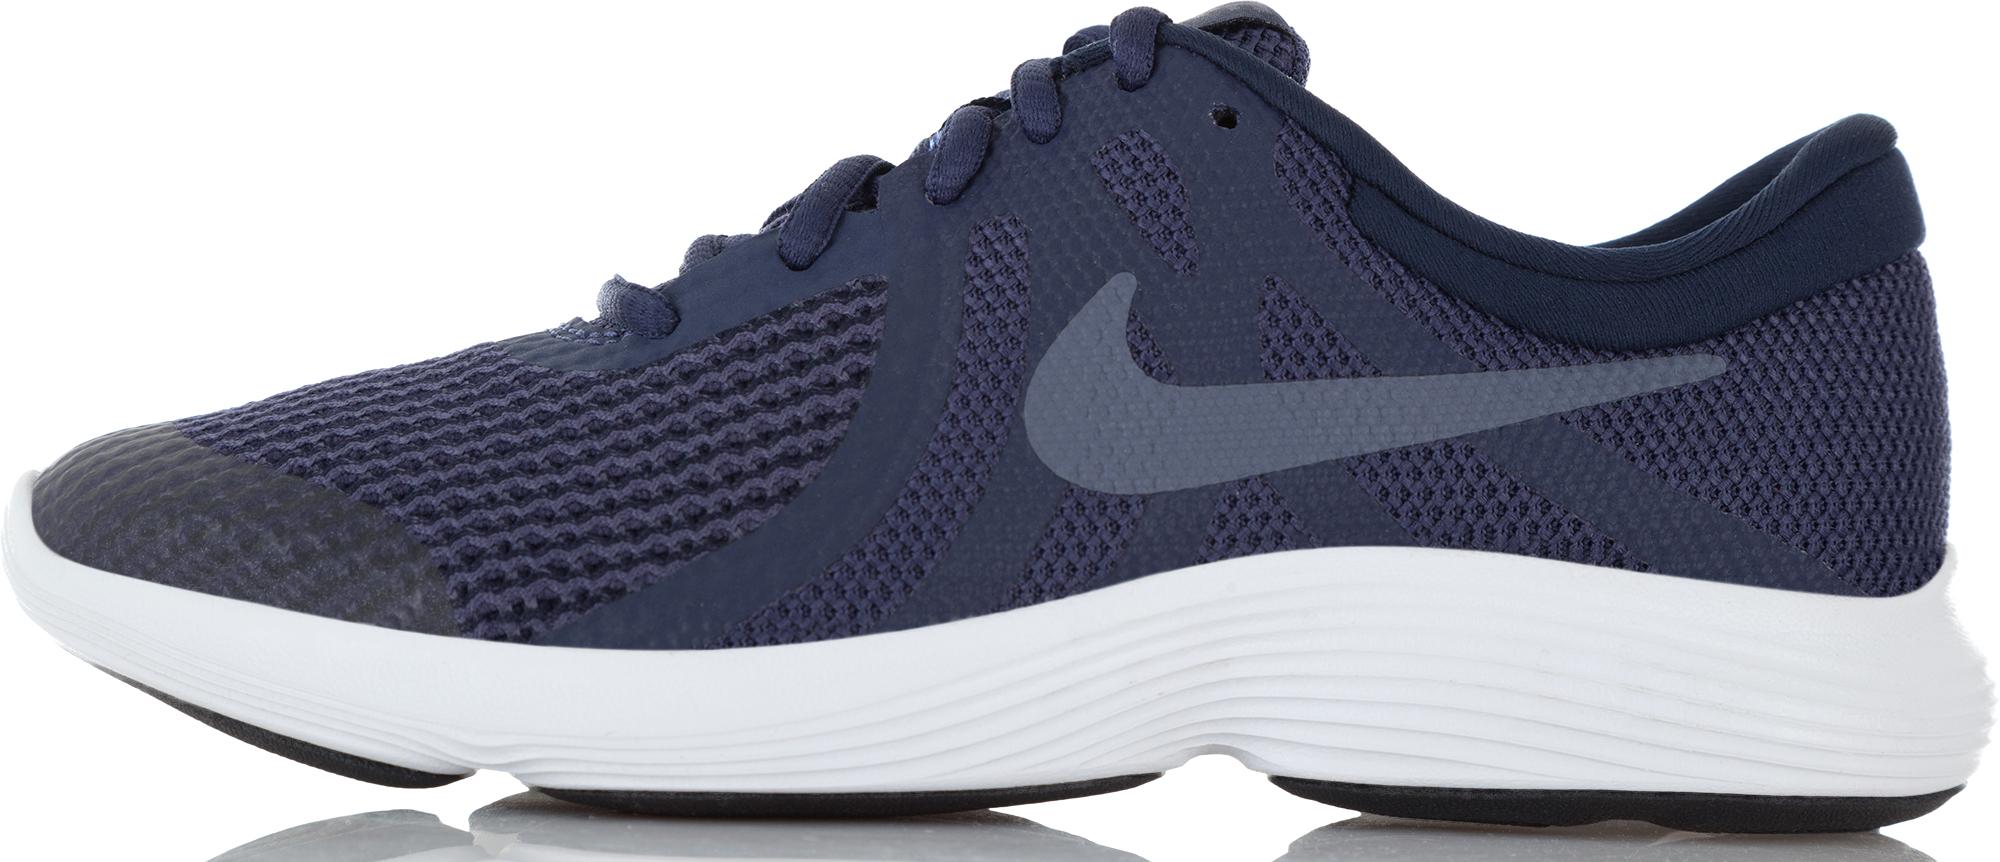 Nike Кроссовки детские Nike Revolution 4, размер 35,5 недорго, оригинальная цена